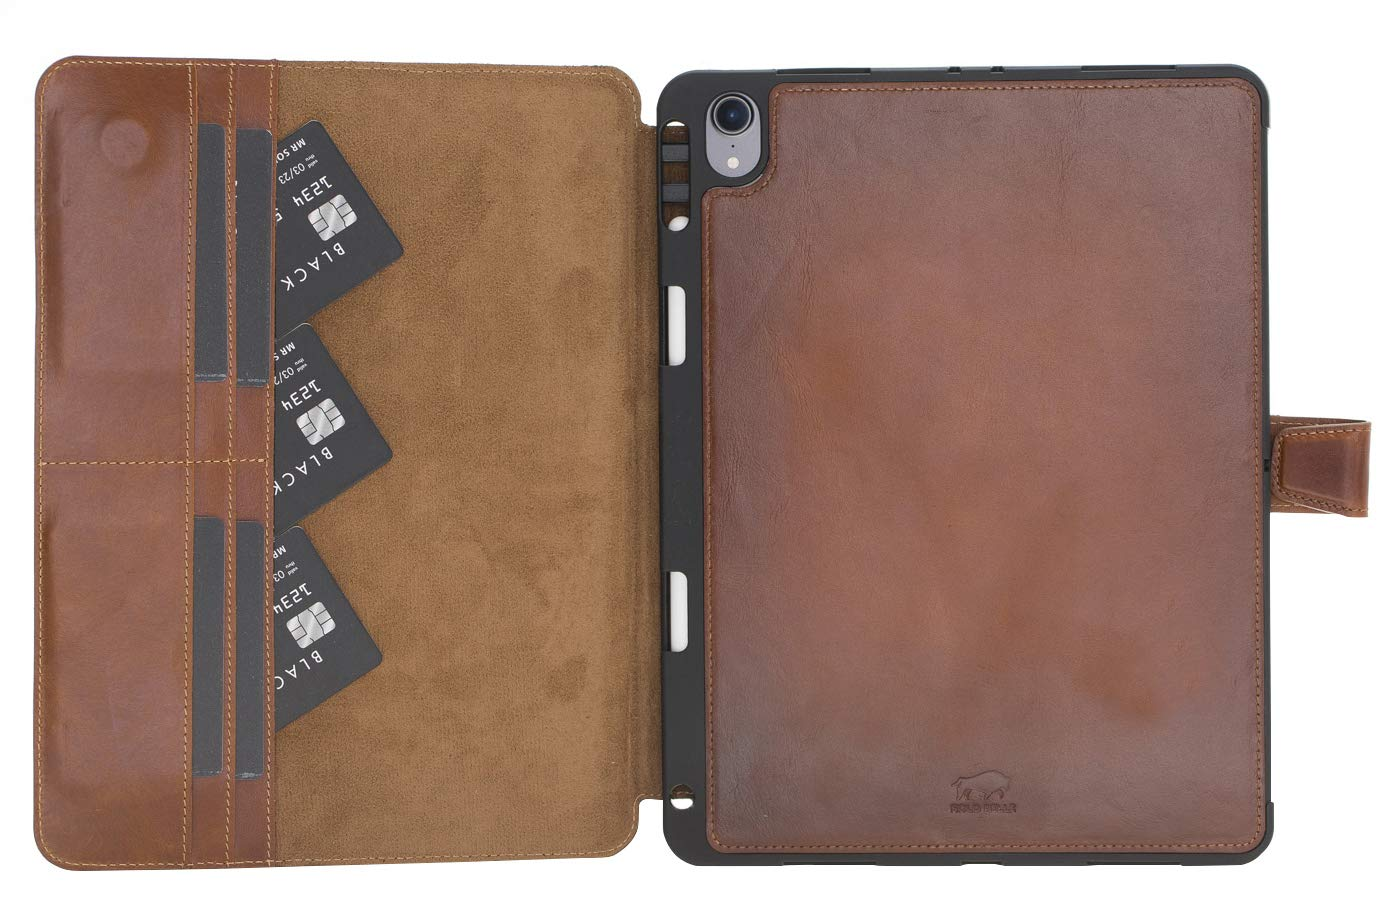 Solo Pelle magnetische abnehmbare Hülle Harvard geeignet für Apple iPad Pro 11 Zoll 2018 Hülle Leder Case aus echtem Leder. Unterstützt Pencil 2 und magnetisches Laden. (Cognac Braun Burned)